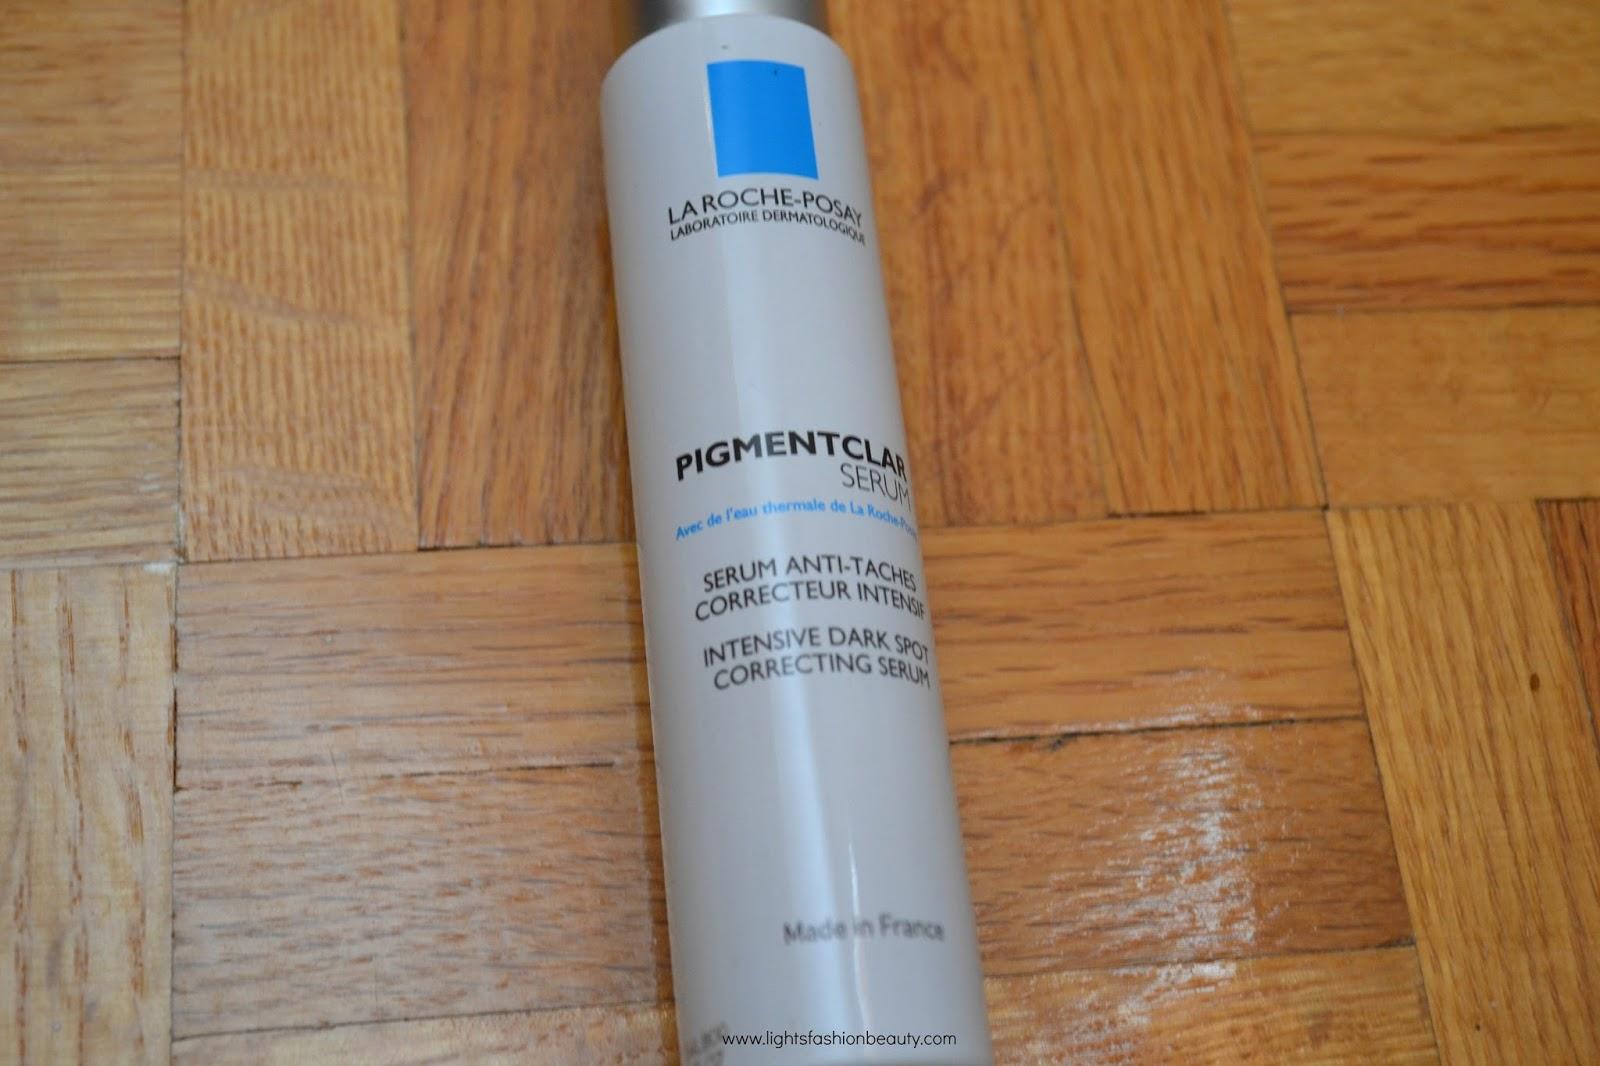 La Roche-Posay Pigmentclar Serum, skincare serum for dark spots, acne scars serum, La Roche-Posay Pigmentclar Serum on dark skin, canadian beauty blogger